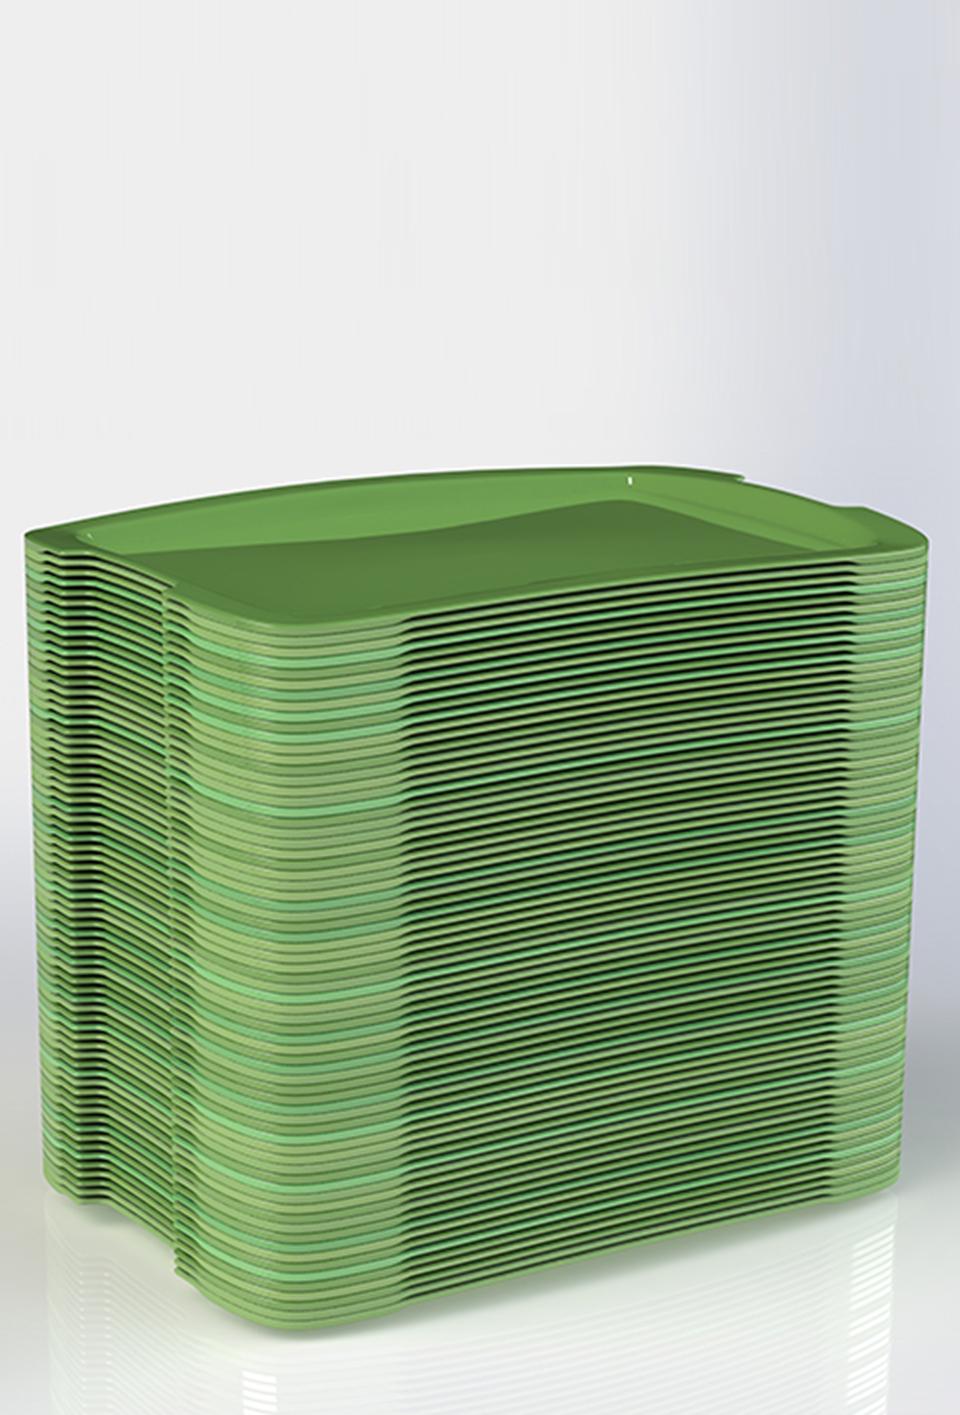 Groene productvisual voor klant